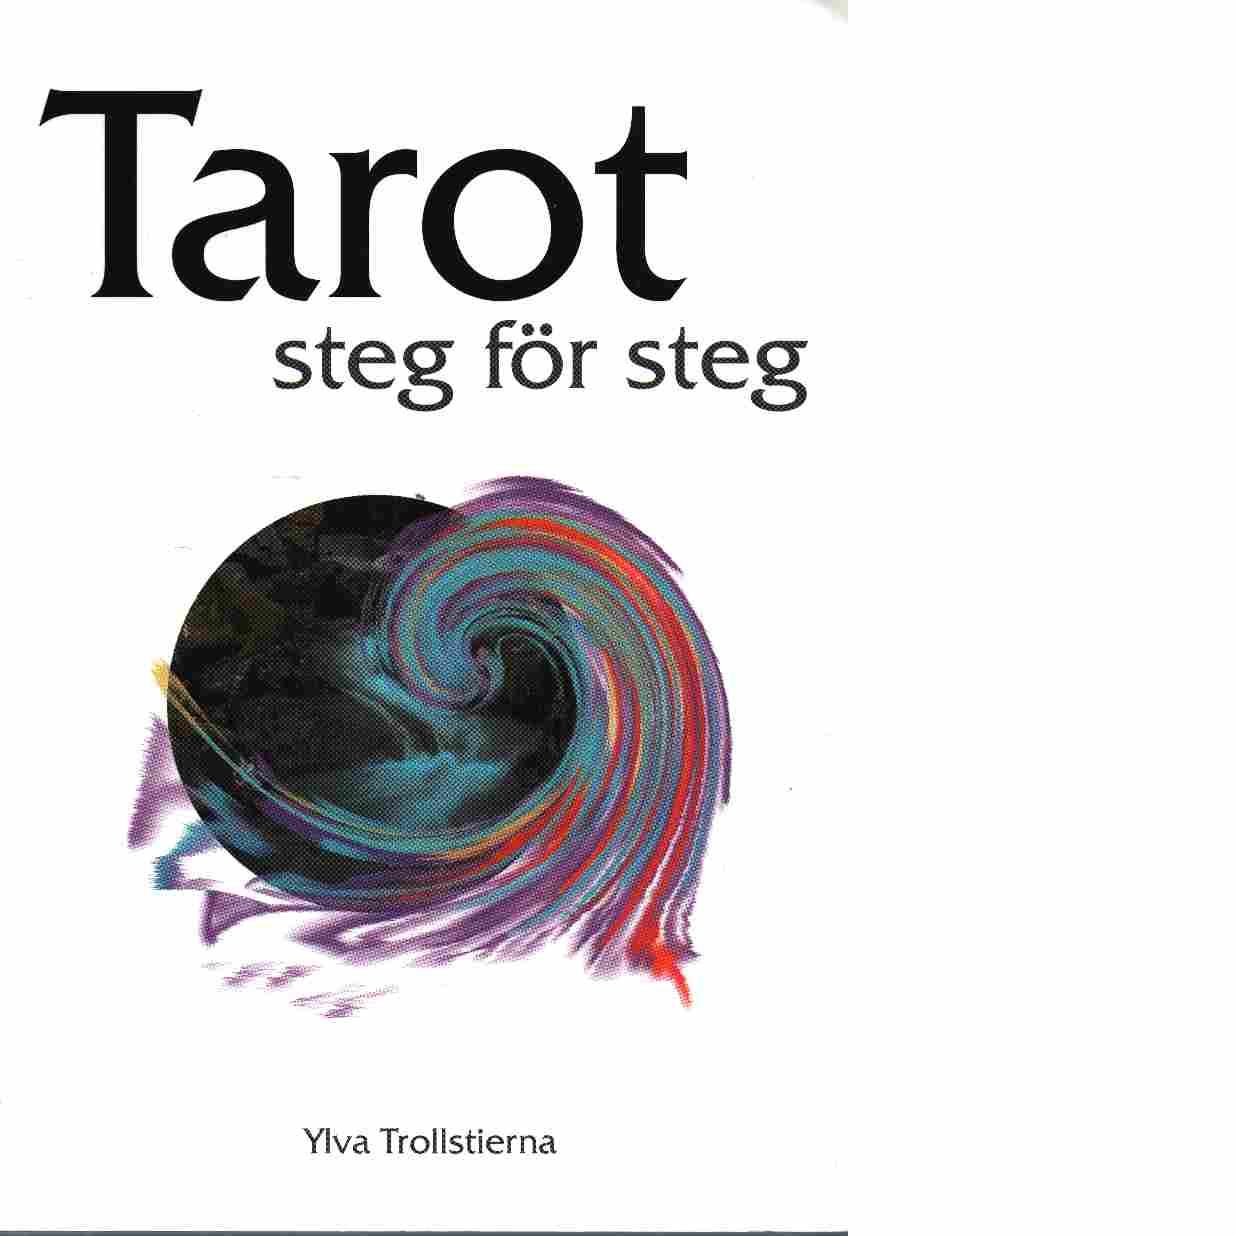 Tarot steg för steg - Trollstierna, Ylva